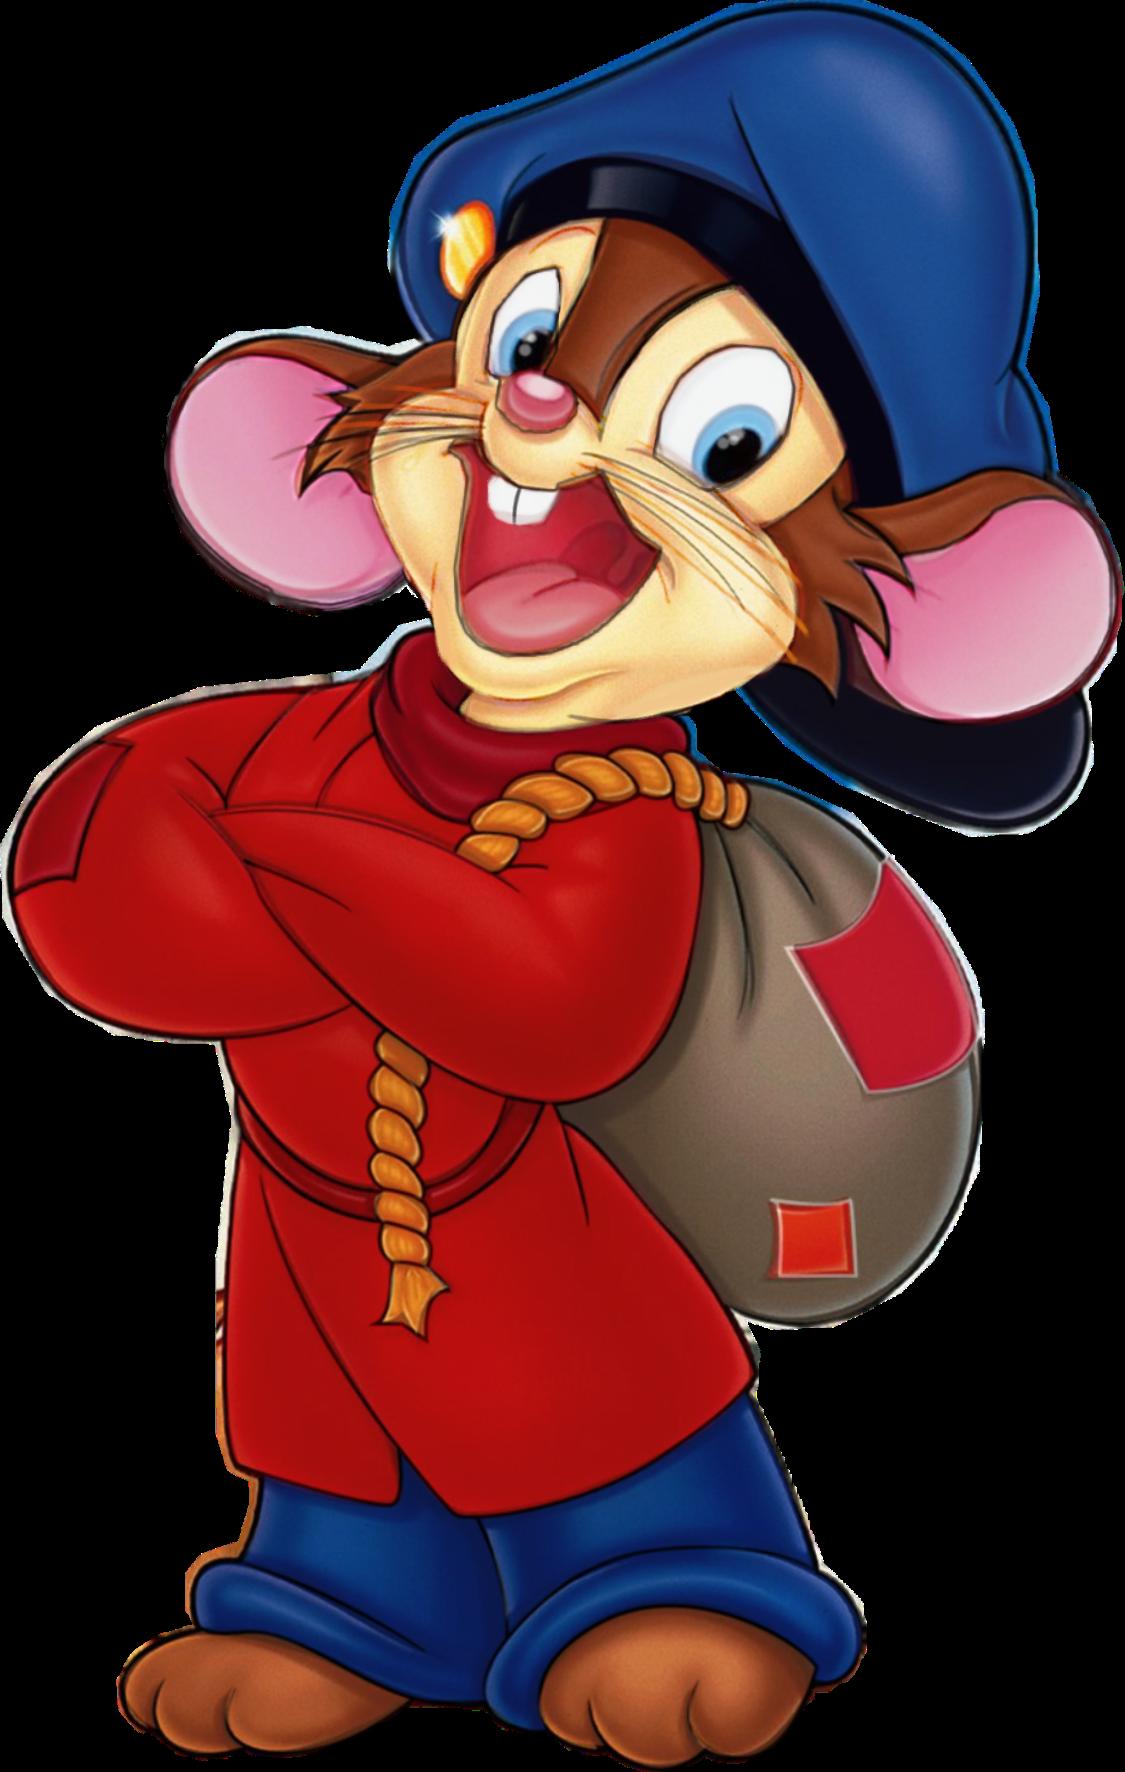 Fievel Mousekewitz fievelmousekewitz https://i1.wp.com/